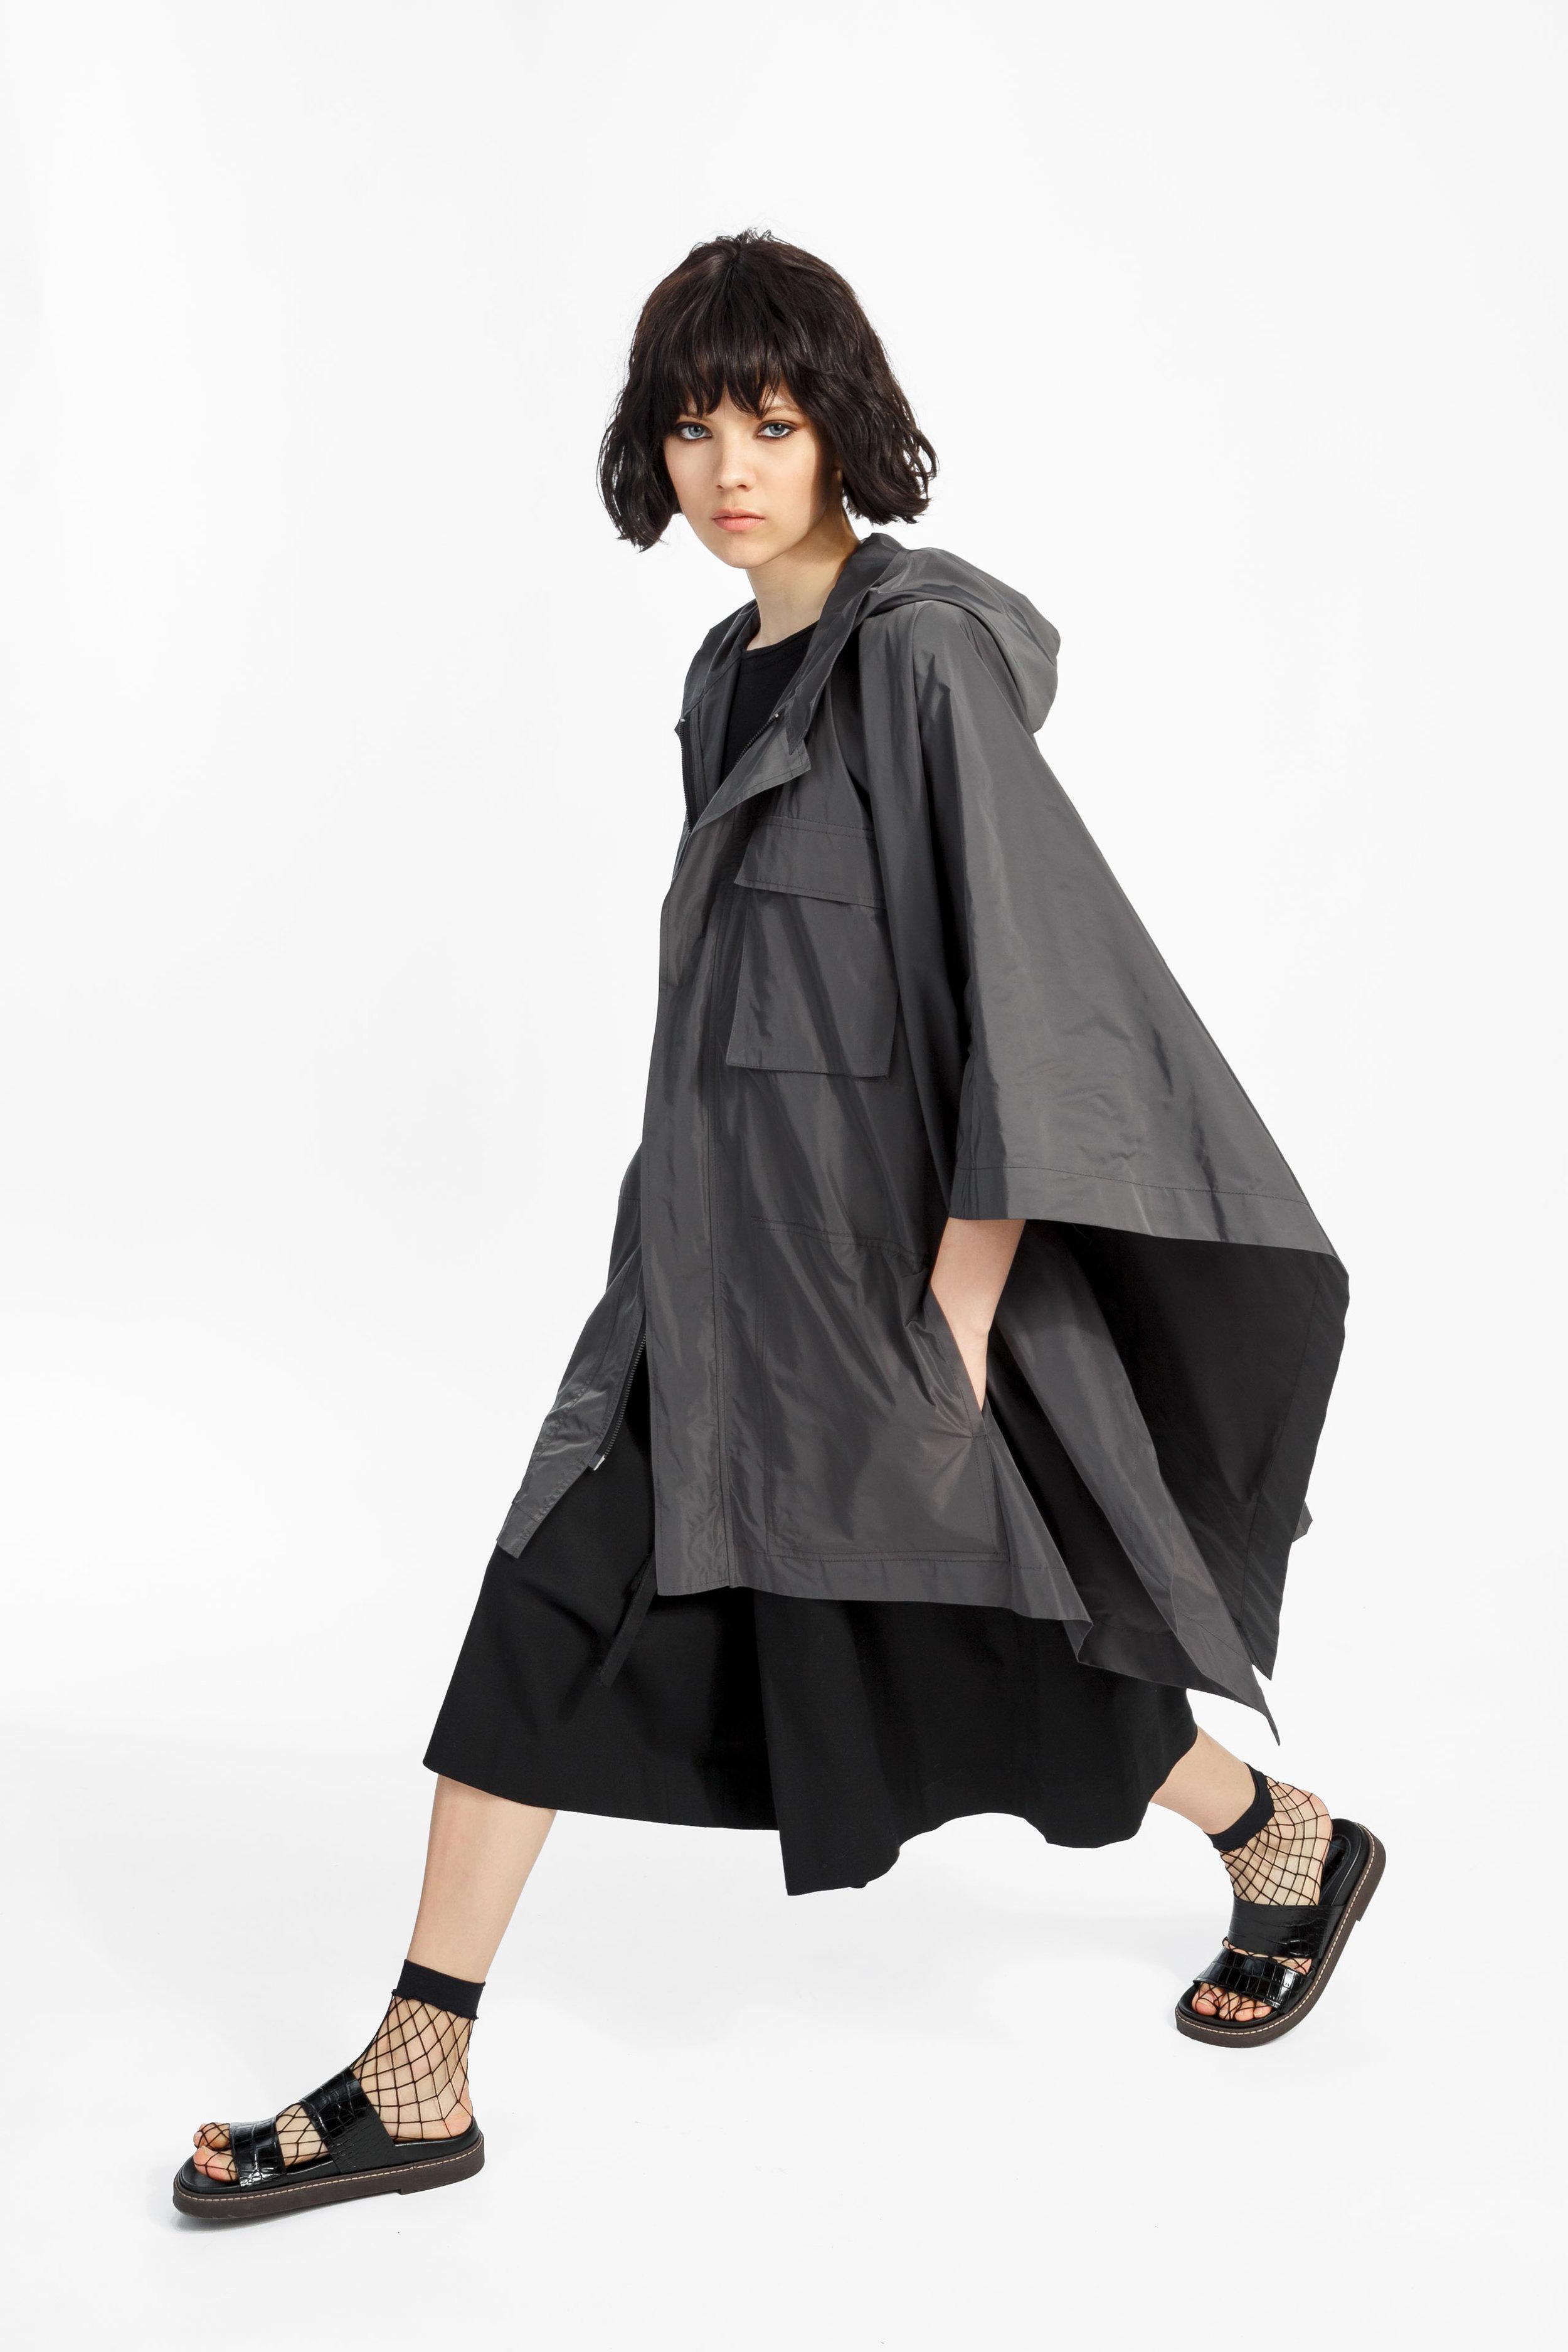 Charlie - ....An oversized cape with a front zipperShop..Une cape surdimensionnée avec une fermeture éclaireMagasiner....